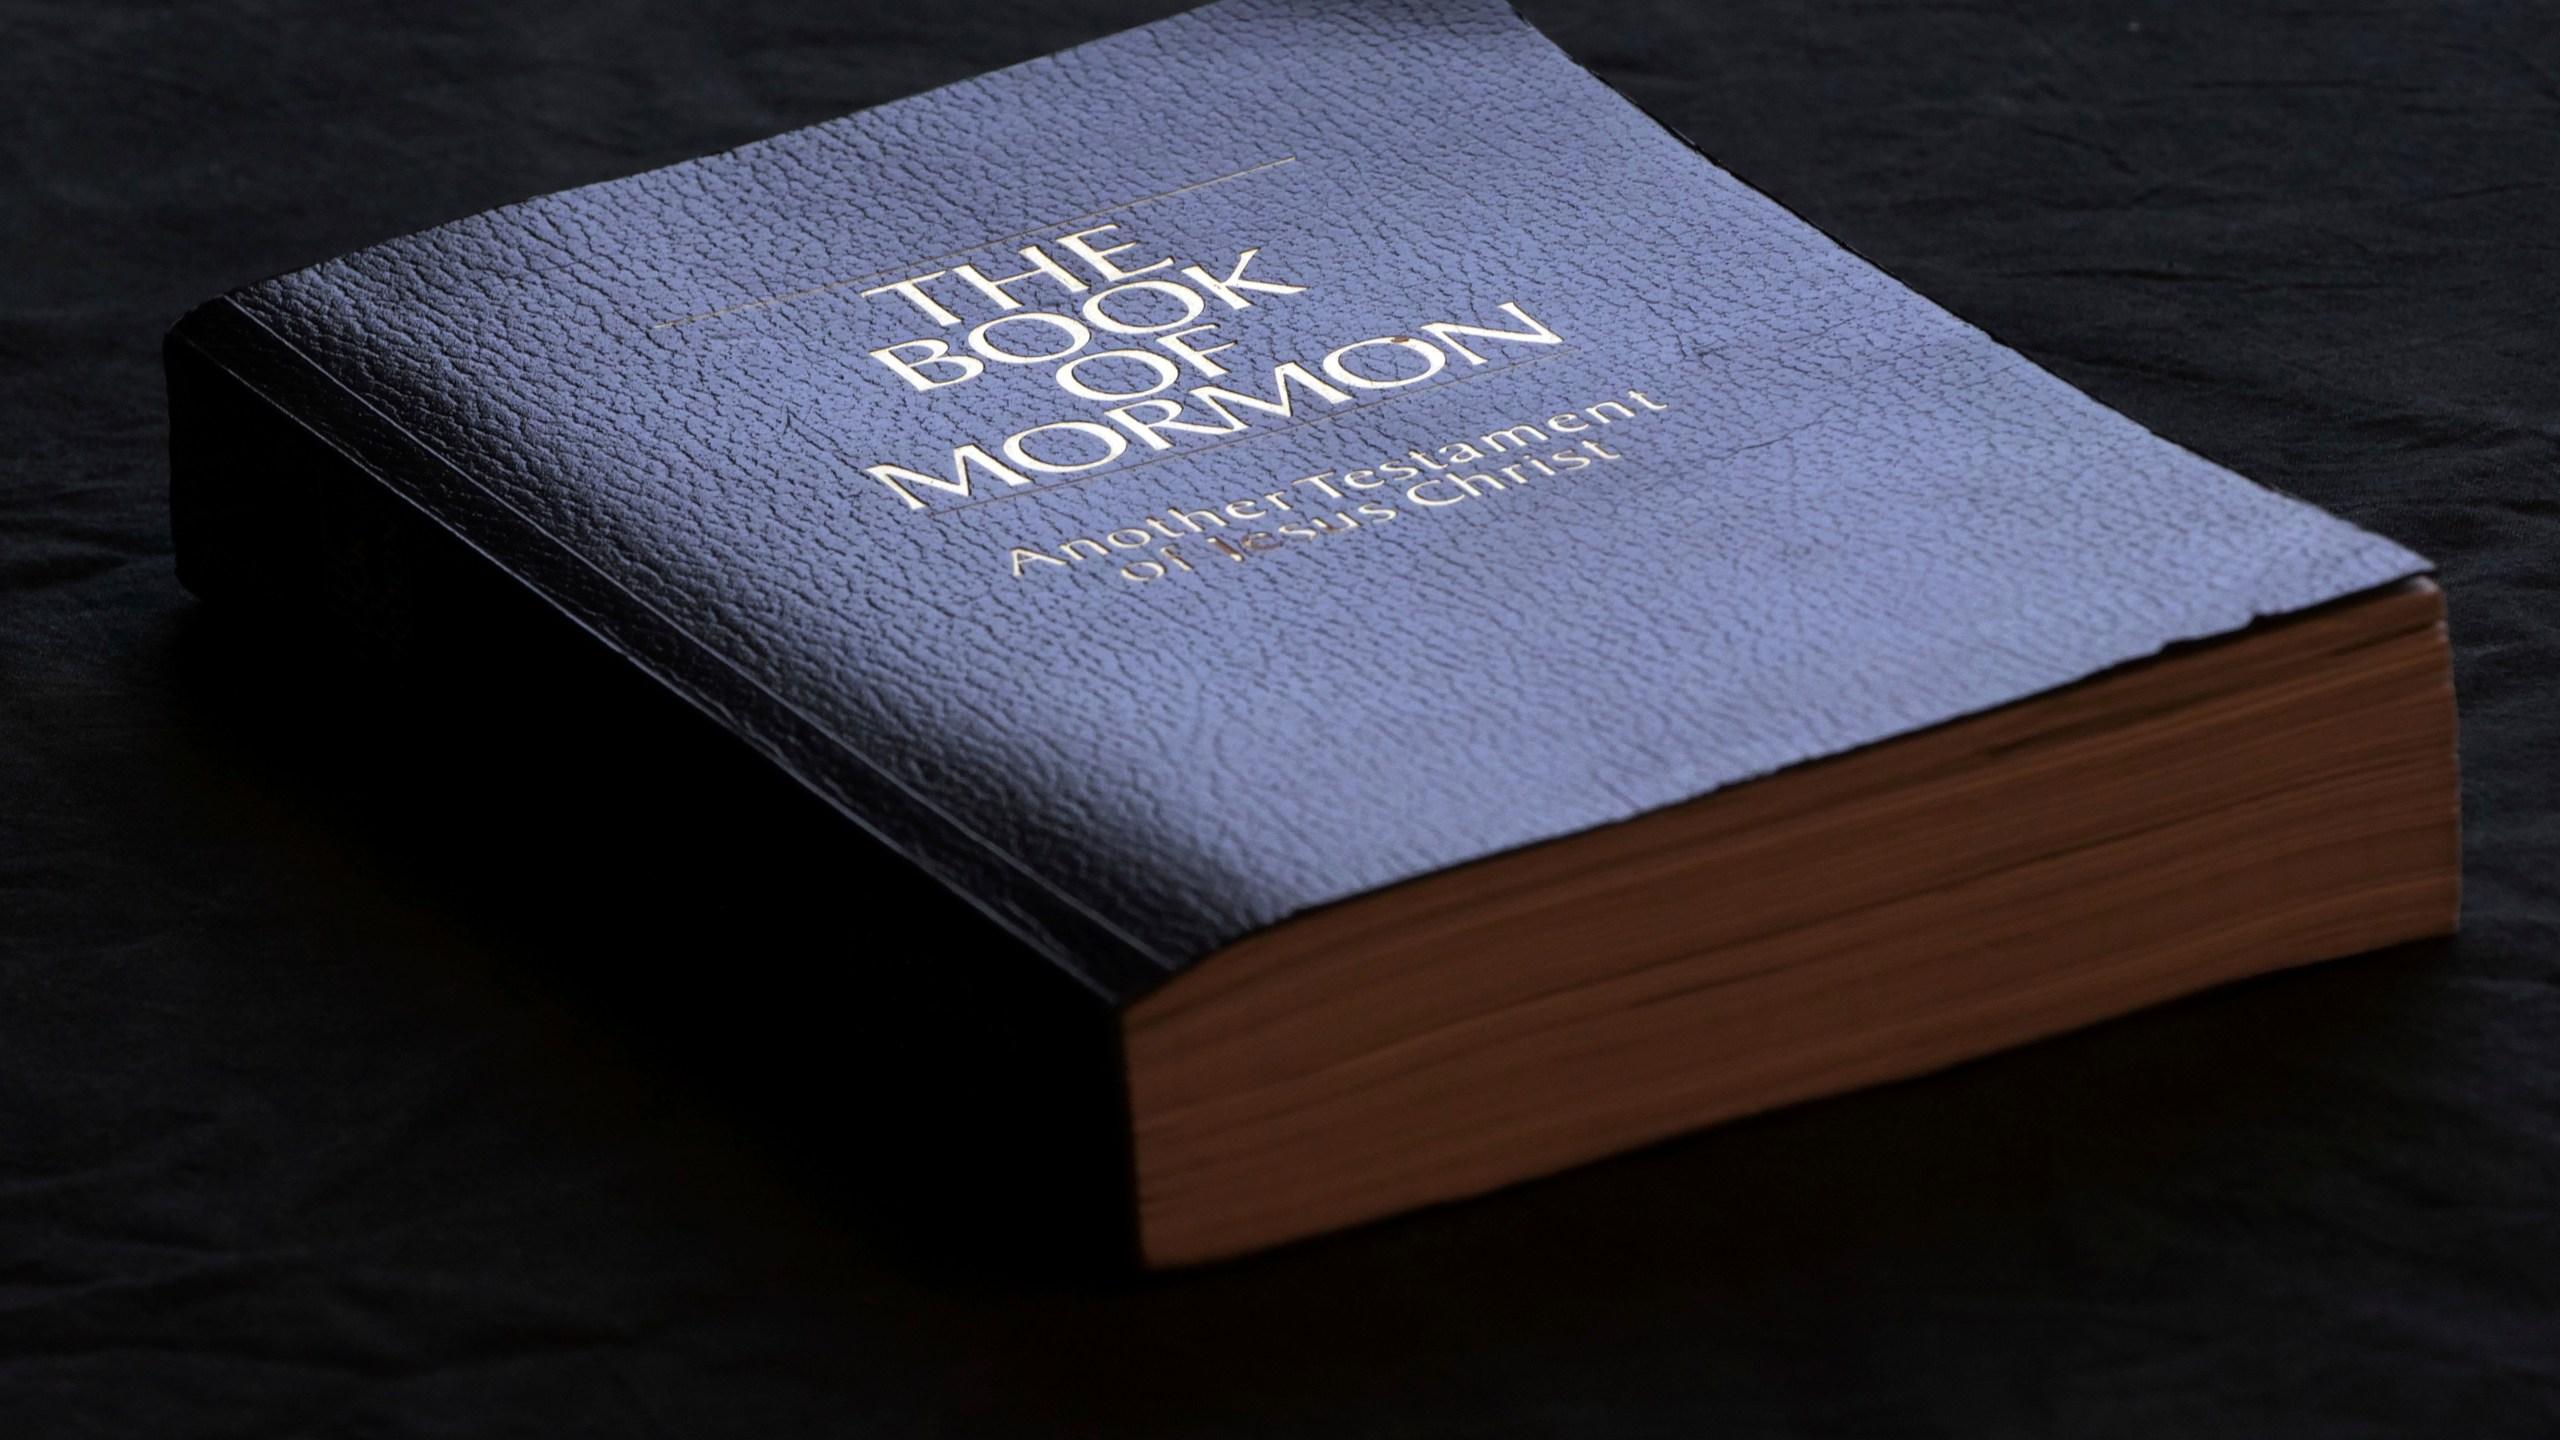 Hotels_Bibles_05932-159532.jpg29622437